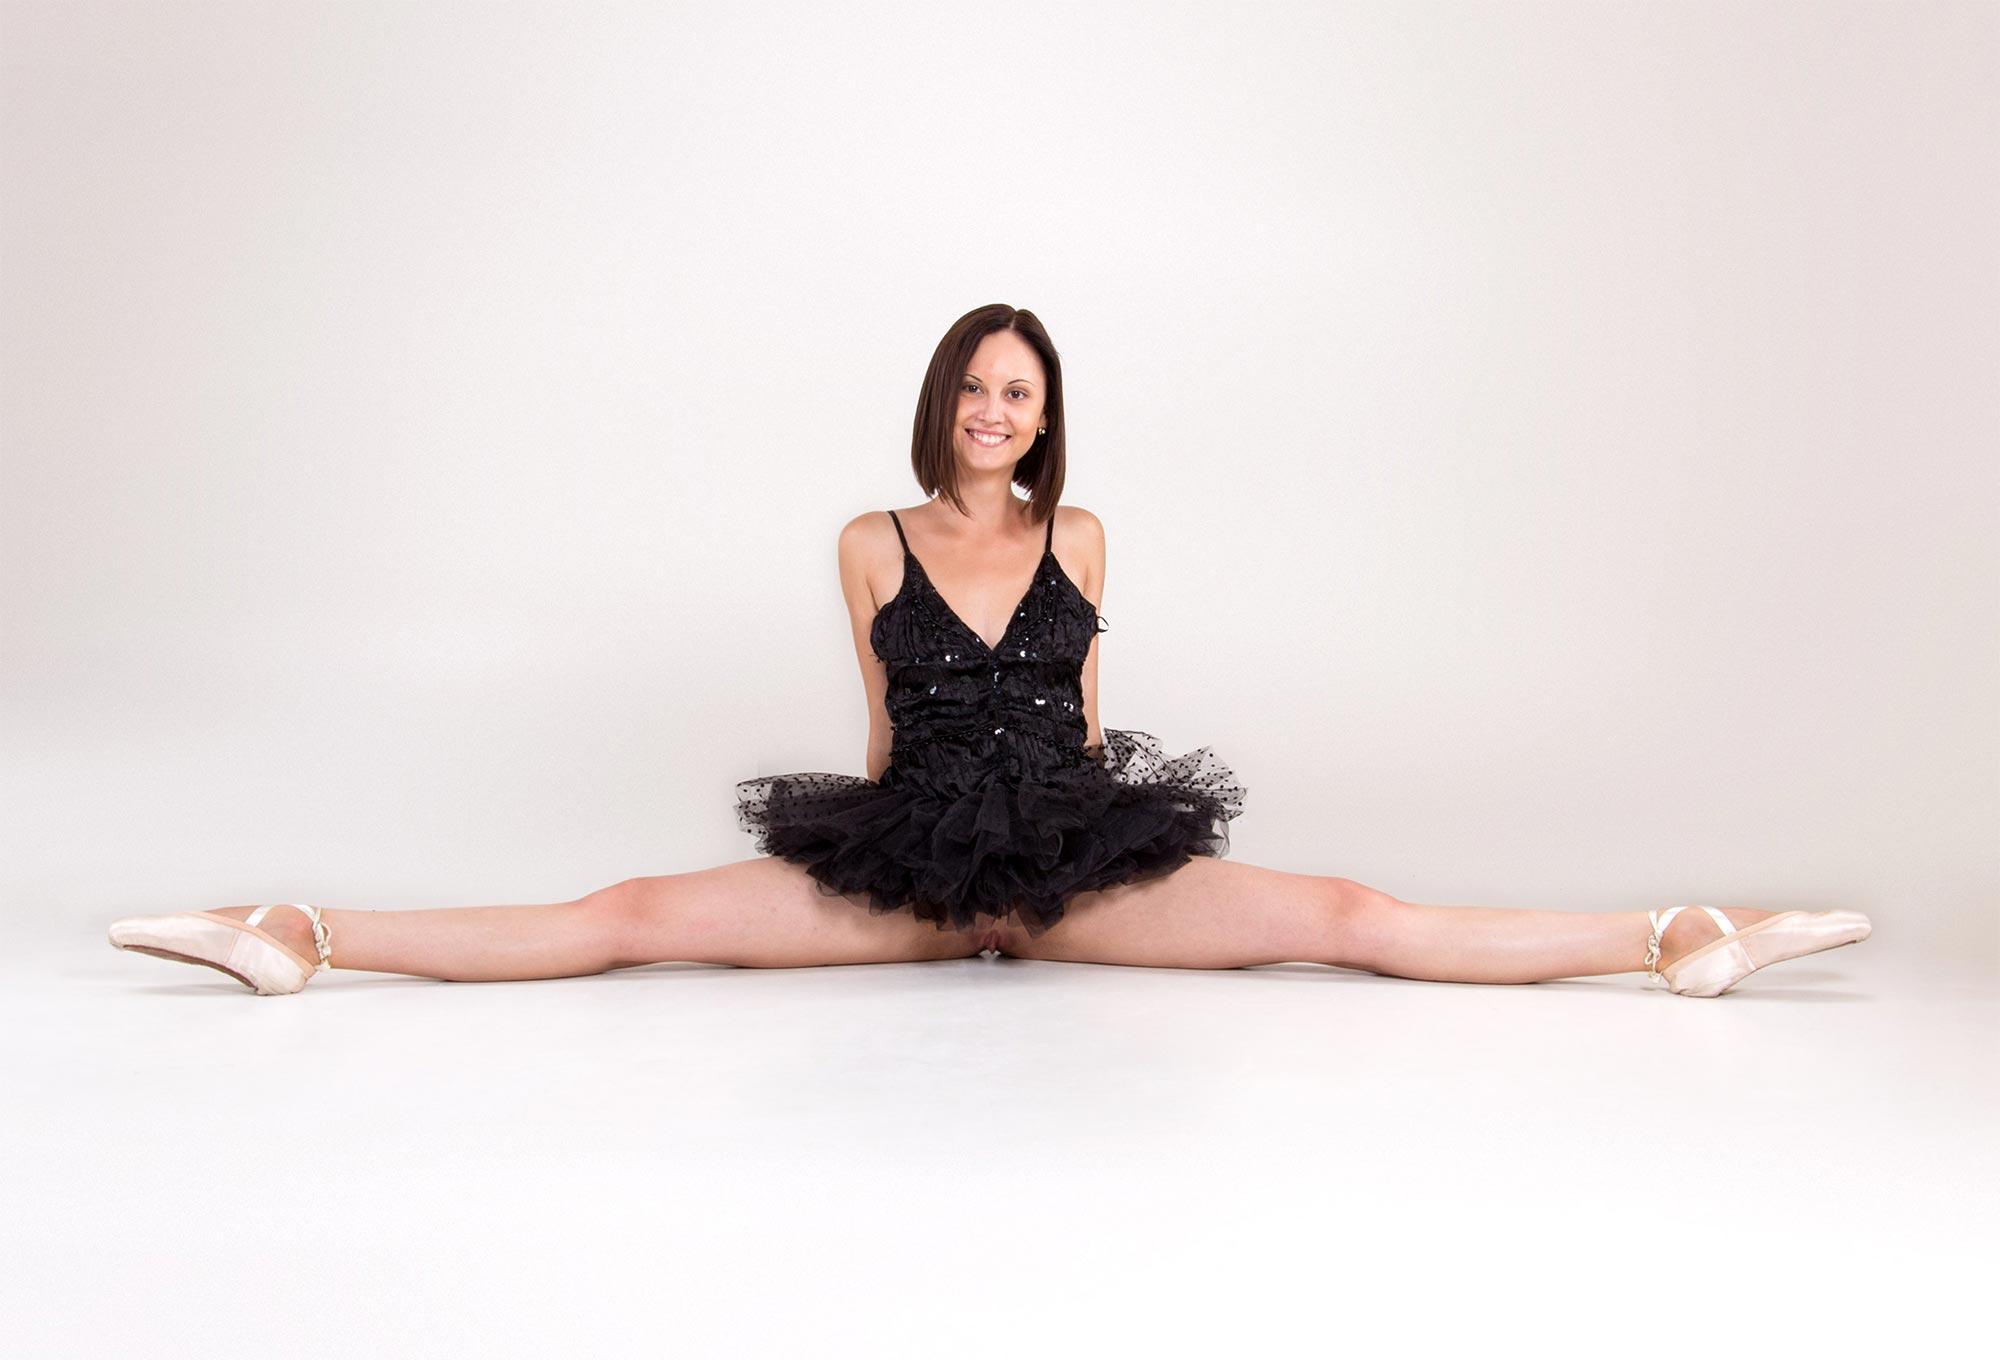 Nude ballet: naked ballet photos and videos with flexible ballerinas